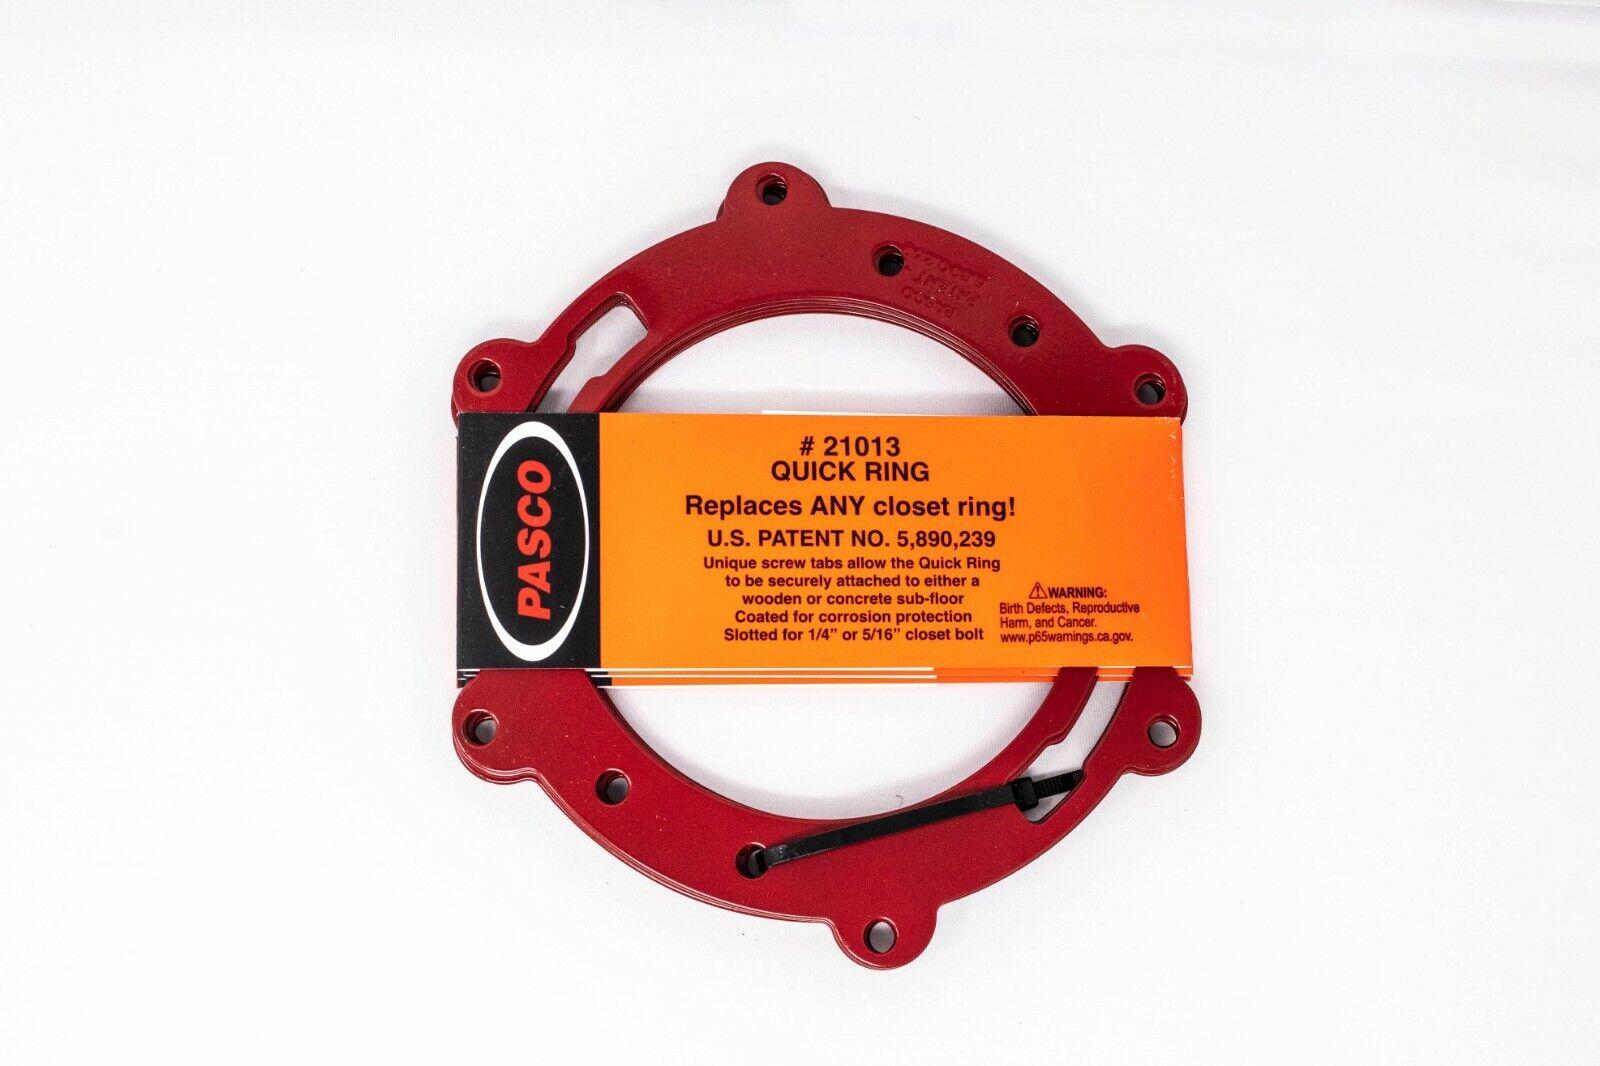 Pasco 21013 Toilet Flange Repair Metal Quick Ring to Repair